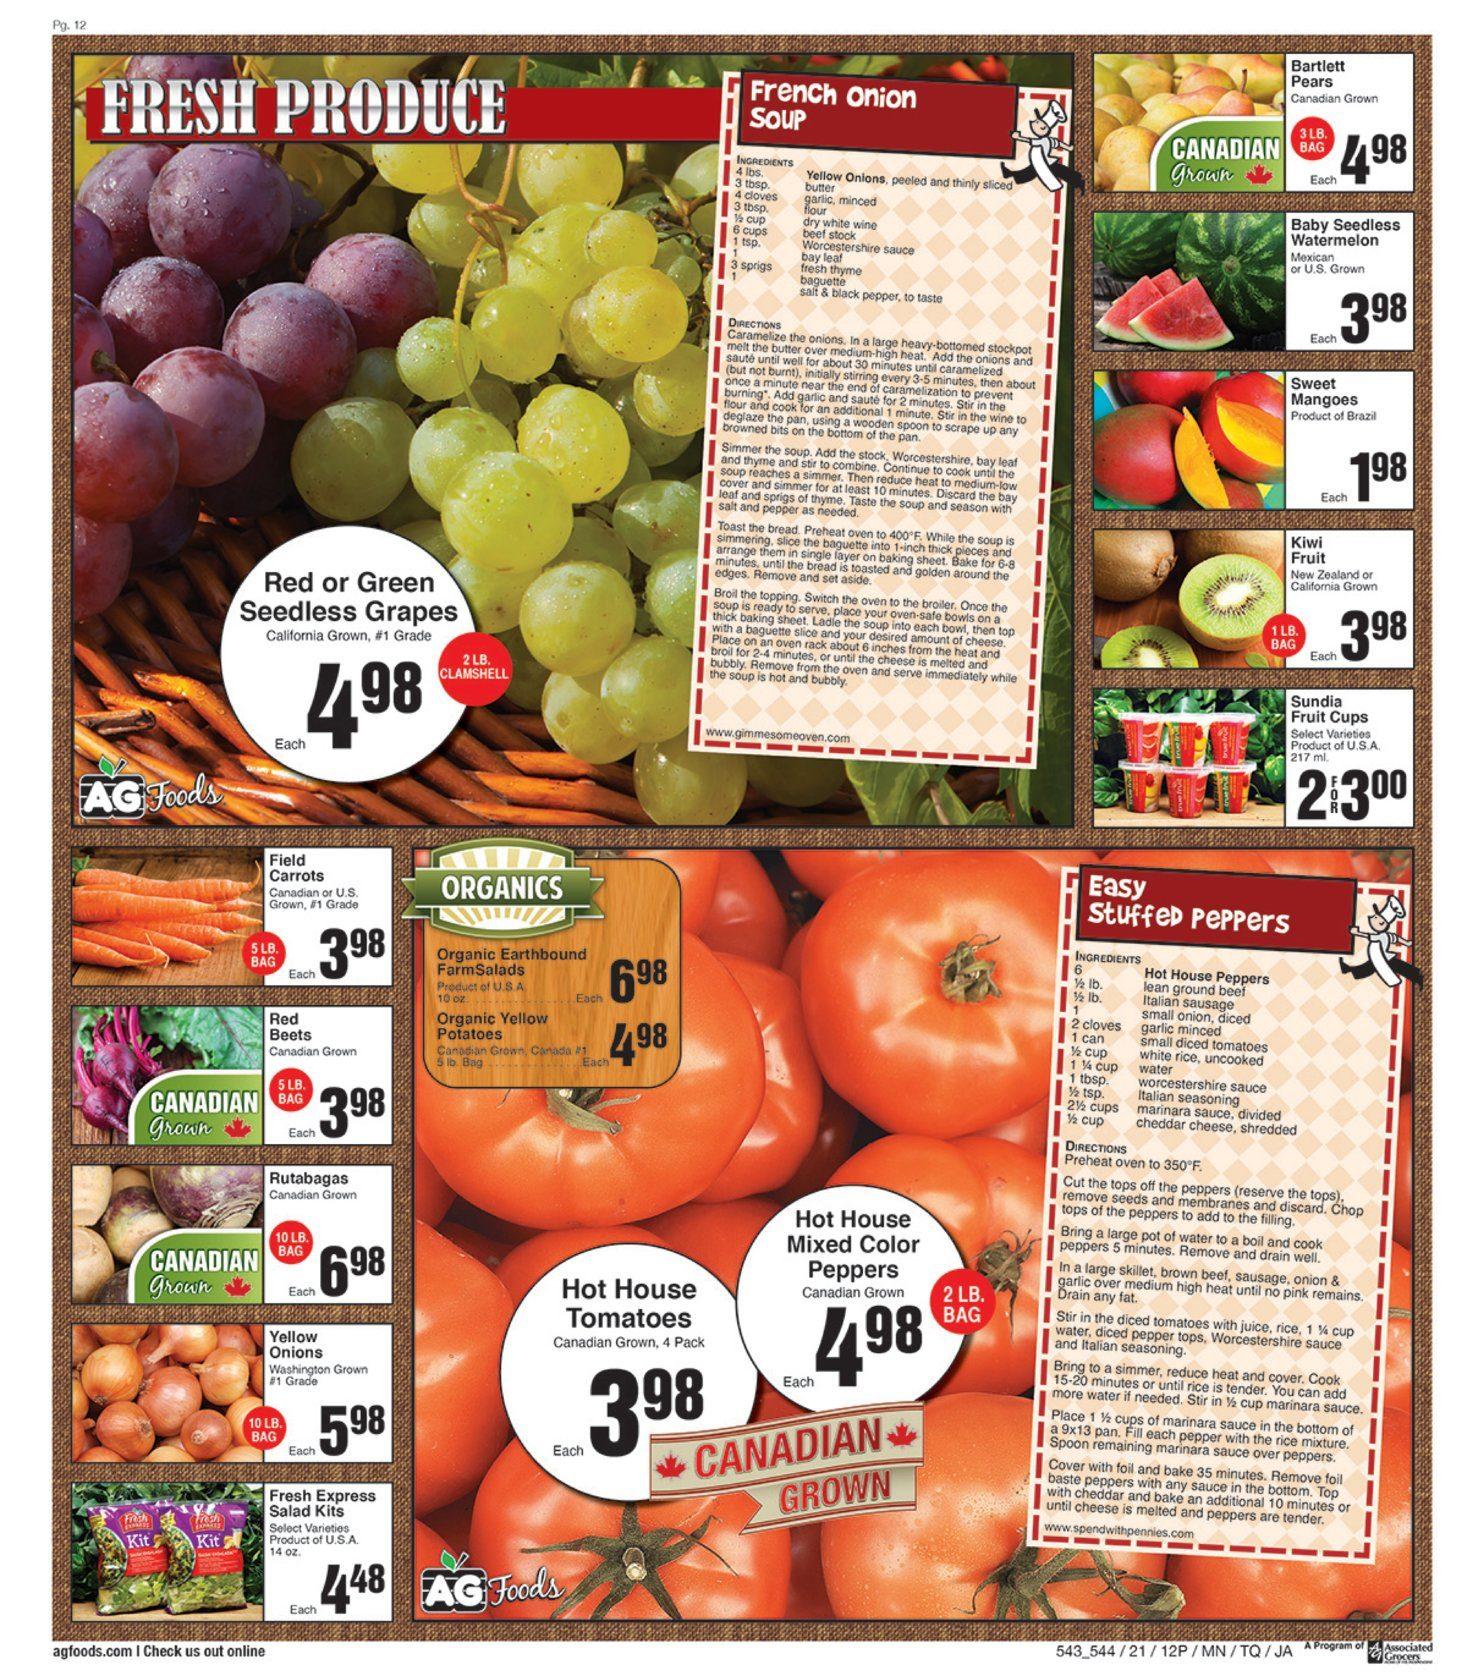 AG Foods - 2 Weeks of Savings - Page 12